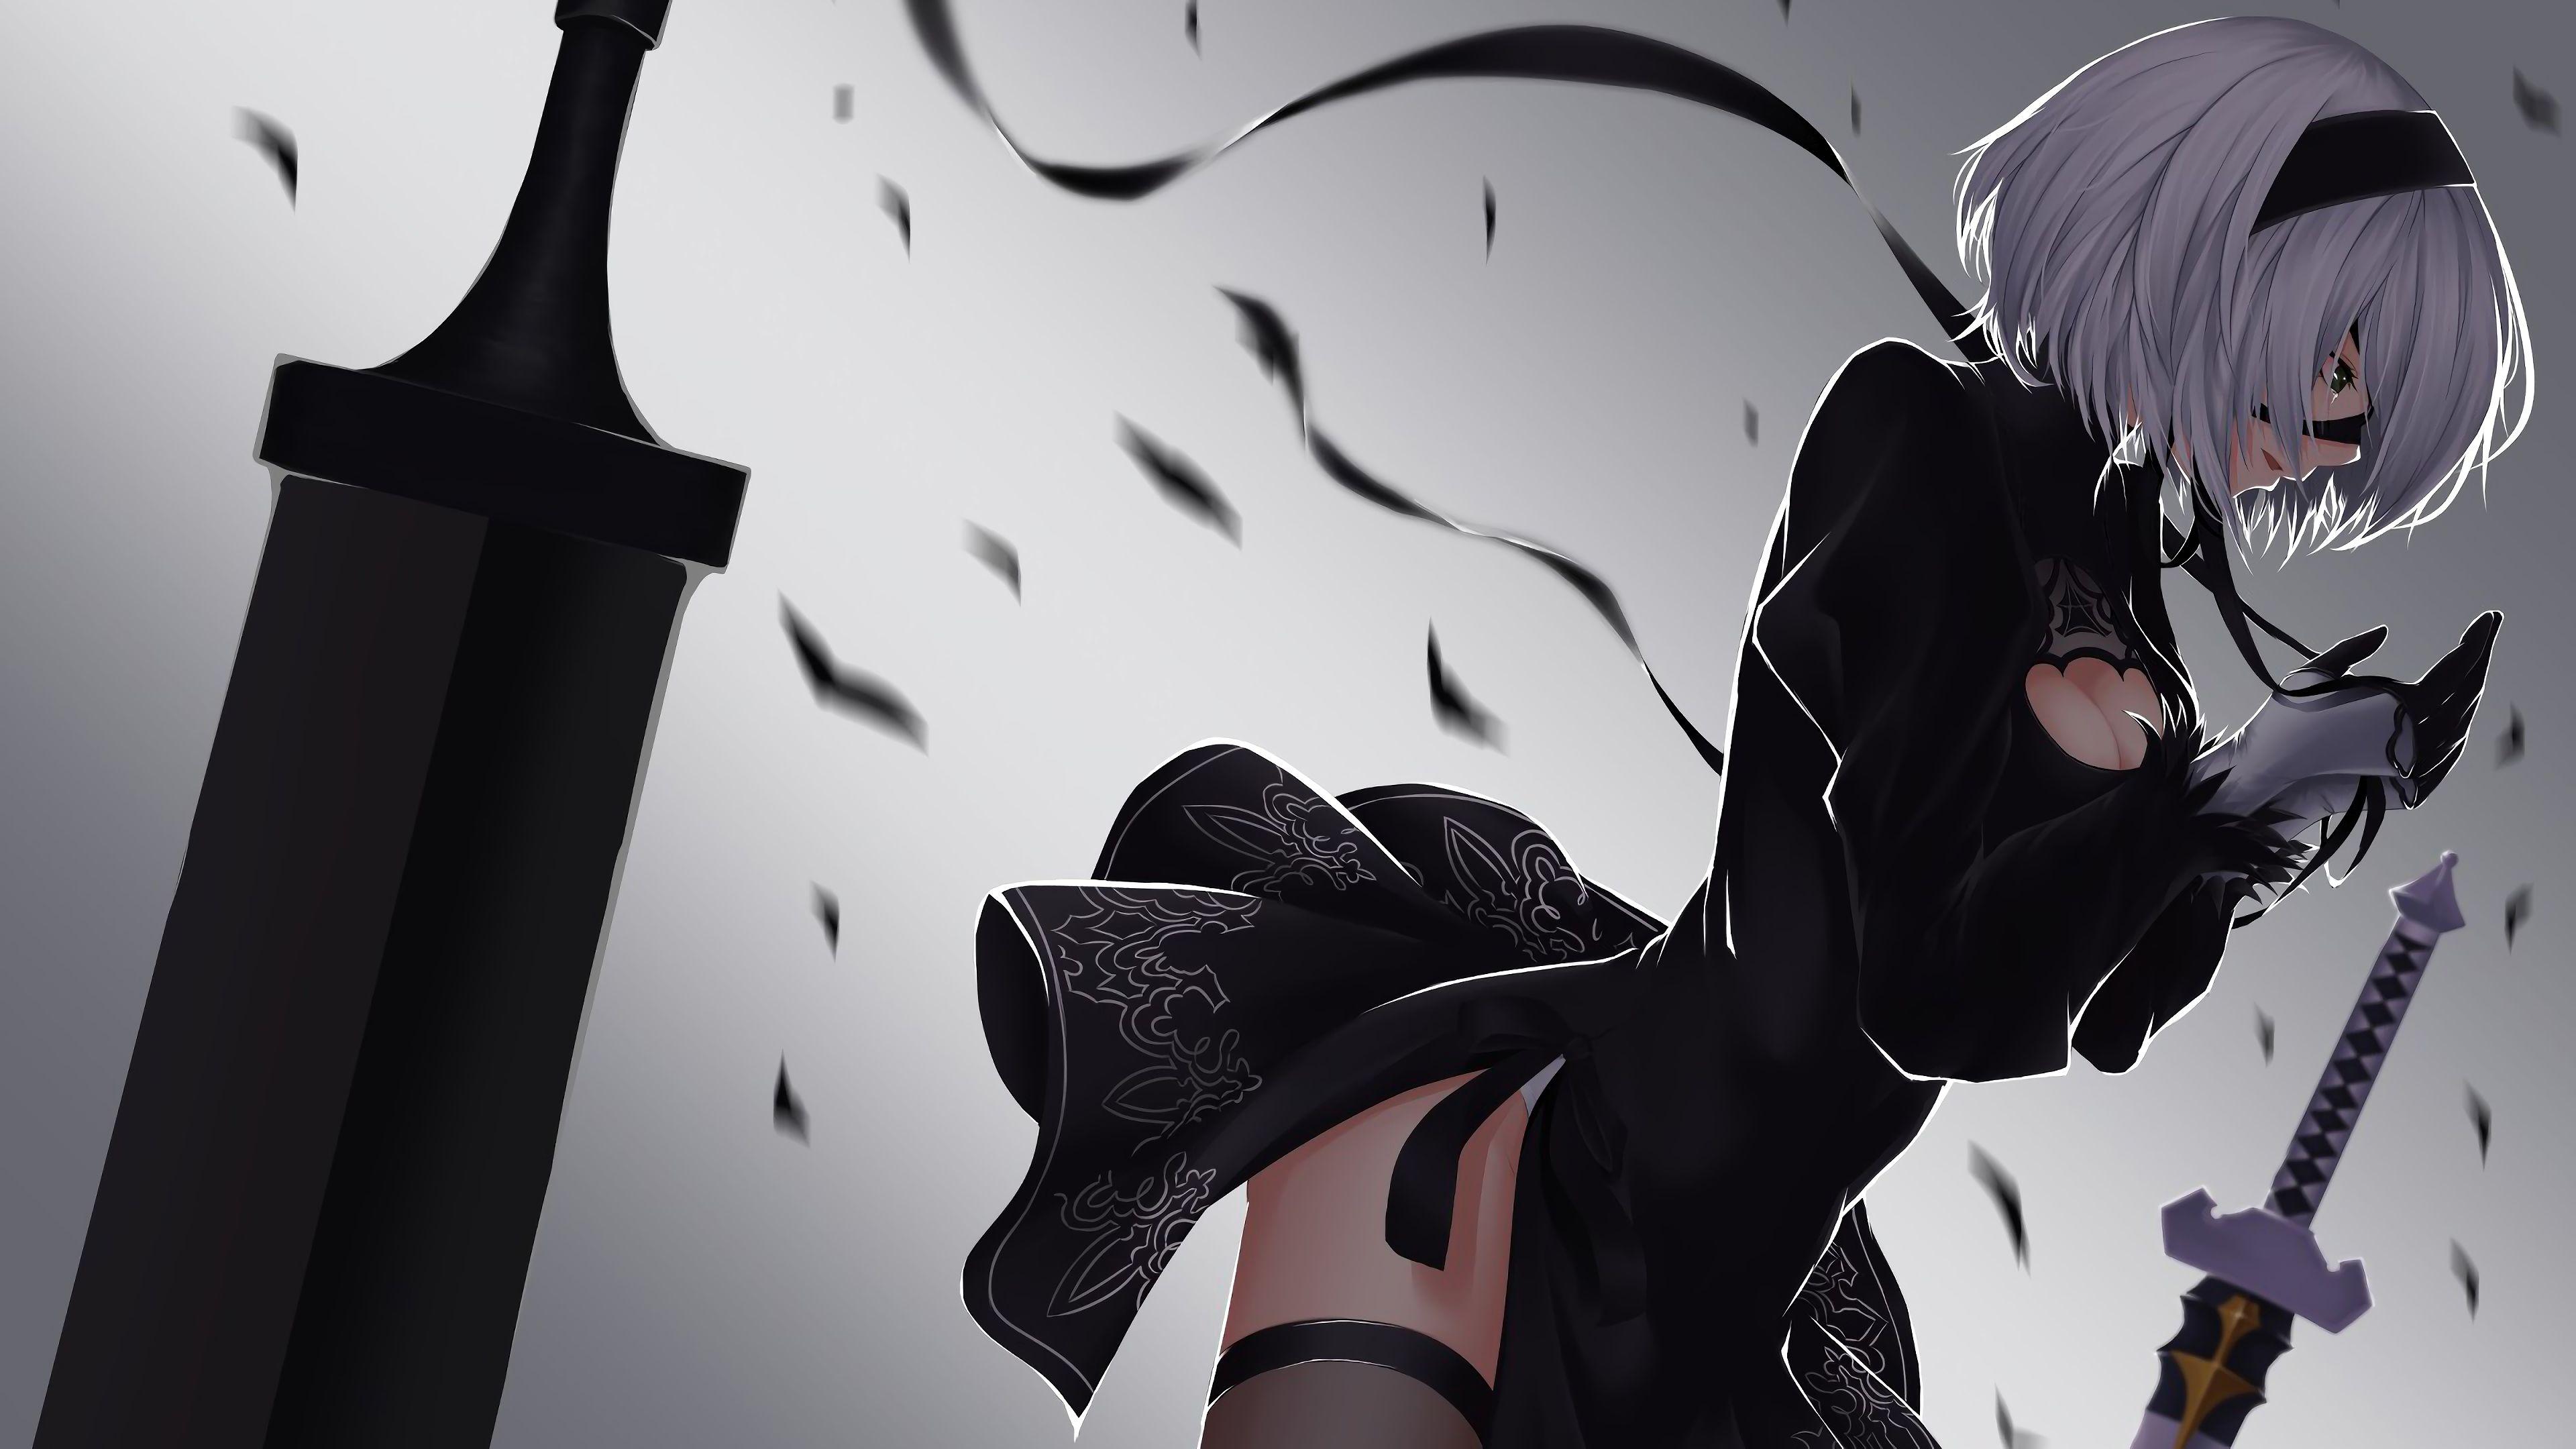 Yorha 2b Nier Automata 4k 13852 3840 2160 Nier Automata Anime